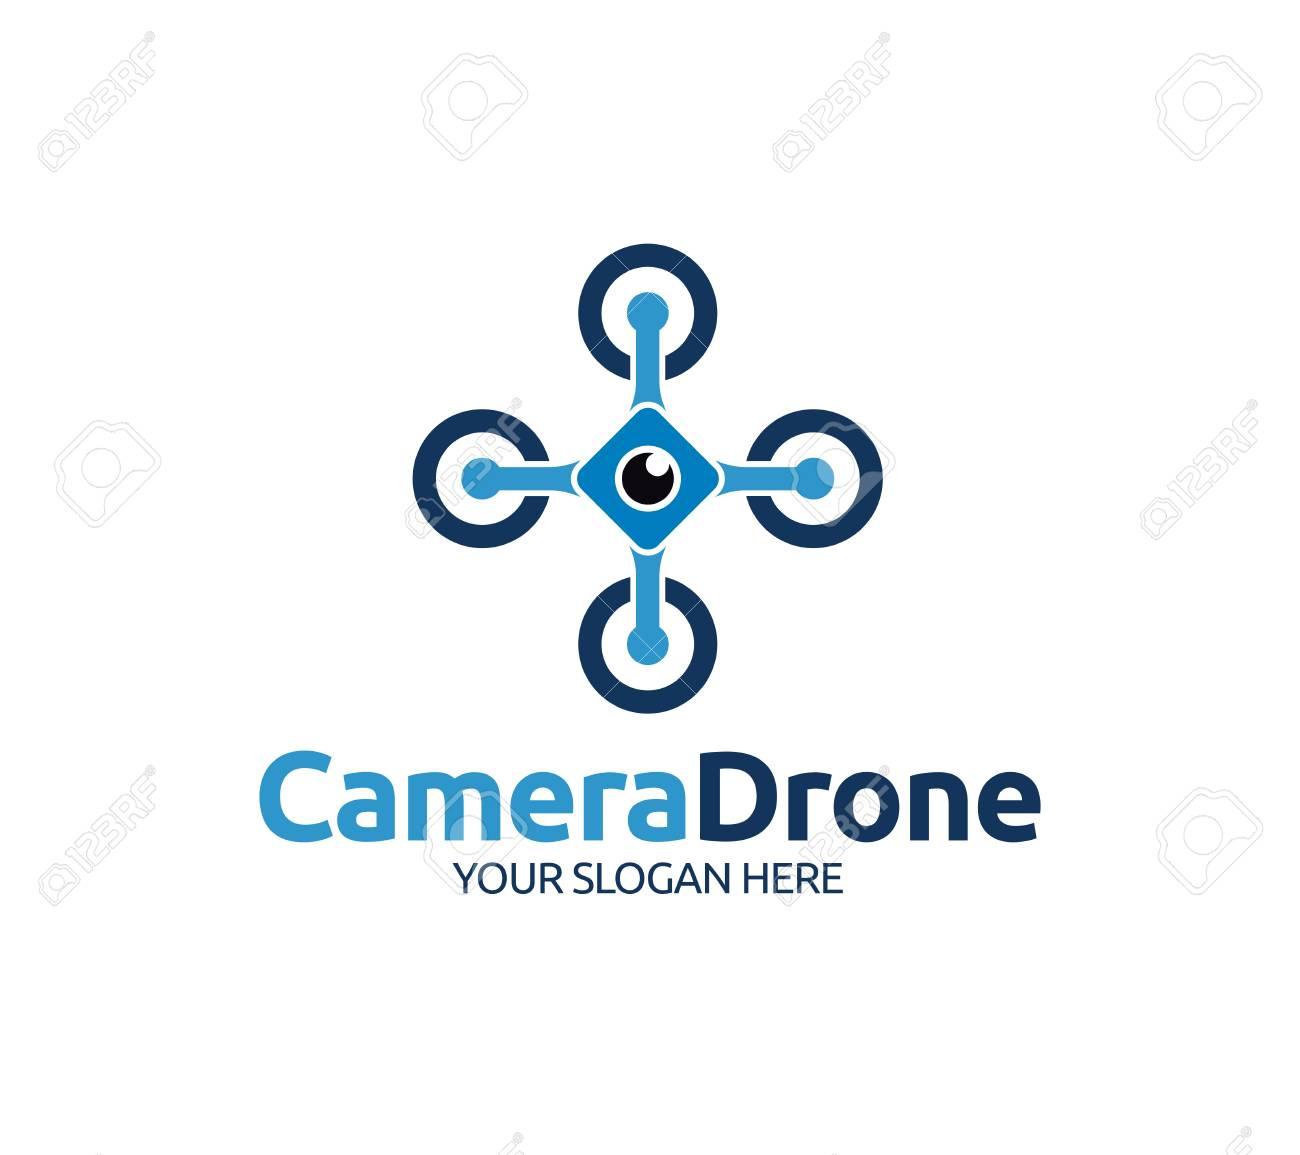 Camera Drone Logo Template - 112798580